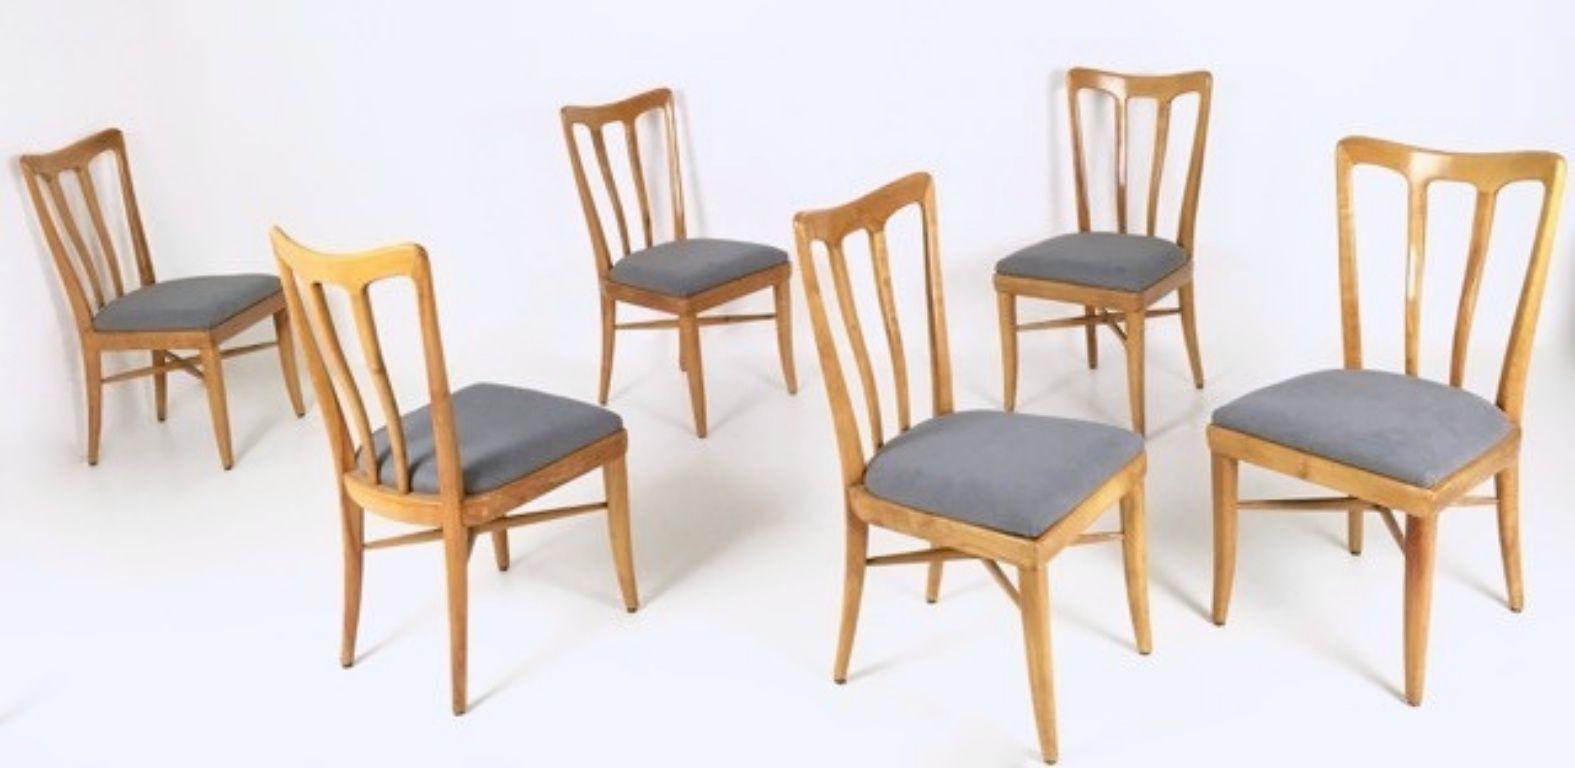 mid century kirschholz esszimmerst hle 1940er 6er set. Black Bedroom Furniture Sets. Home Design Ideas